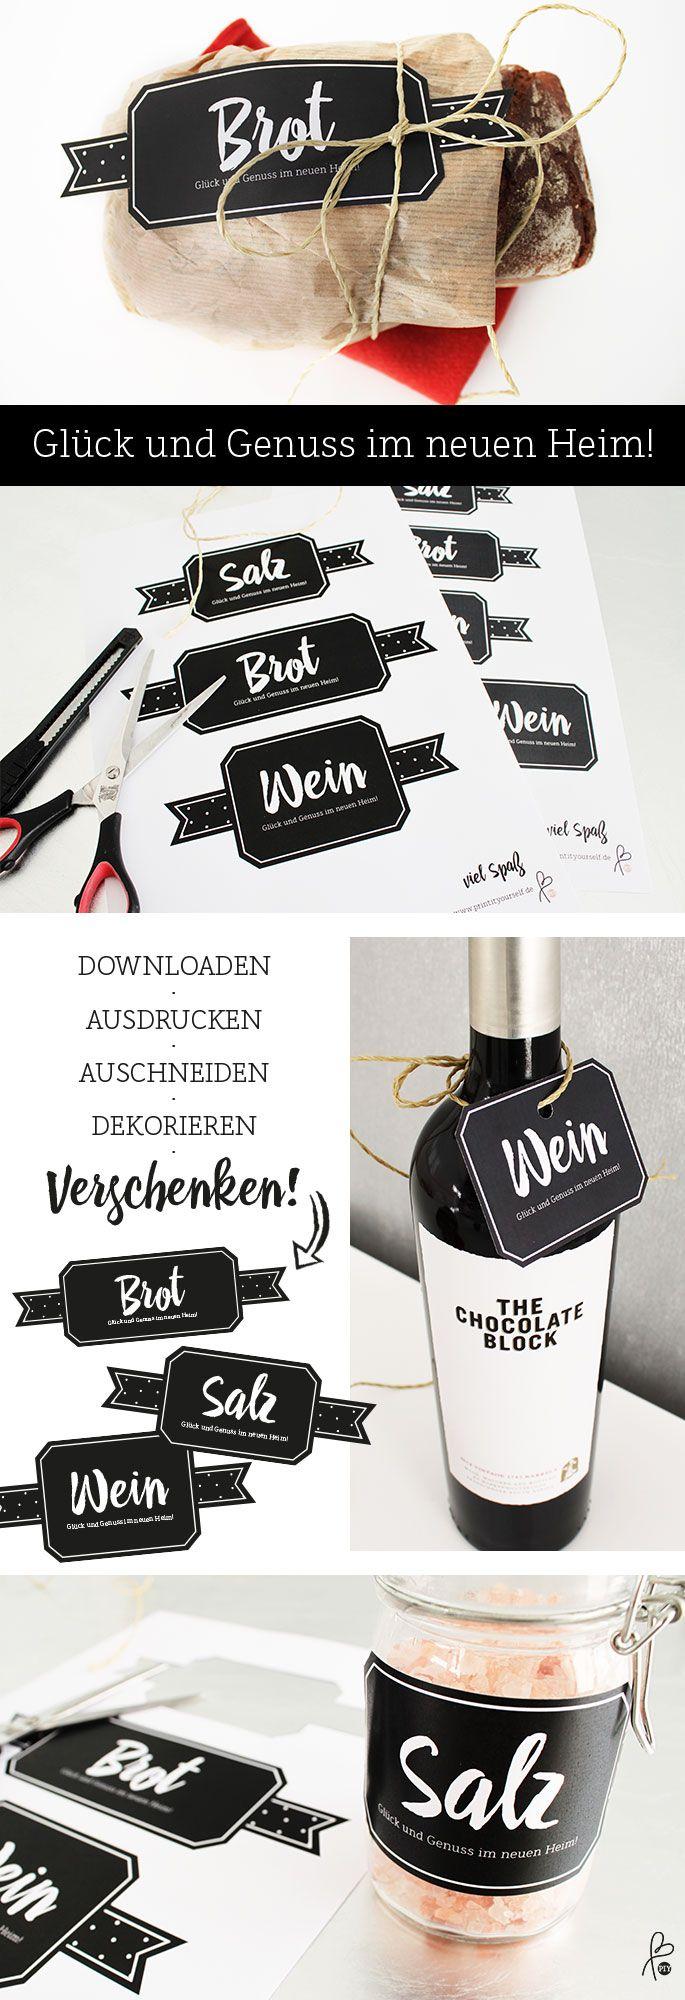 einweihungsgeschenk diy brot salz wein traditionelles geschenk in frischem look etiketten. Black Bedroom Furniture Sets. Home Design Ideas